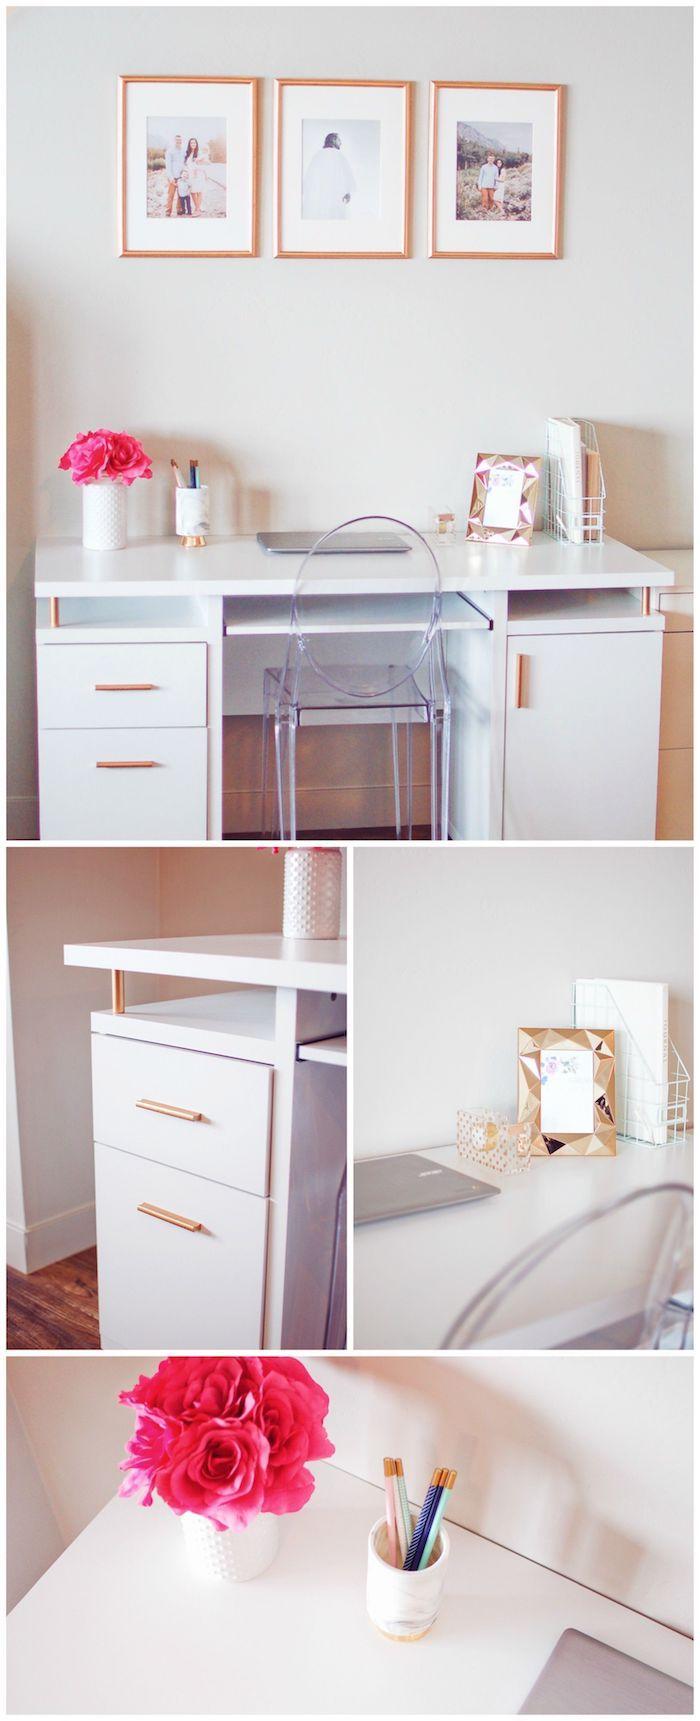 Idée simple deco bureau, ikea rangement bureau, aménagement bureau, vase de fleurs rouges roses ,triptyque photos en cadres bois